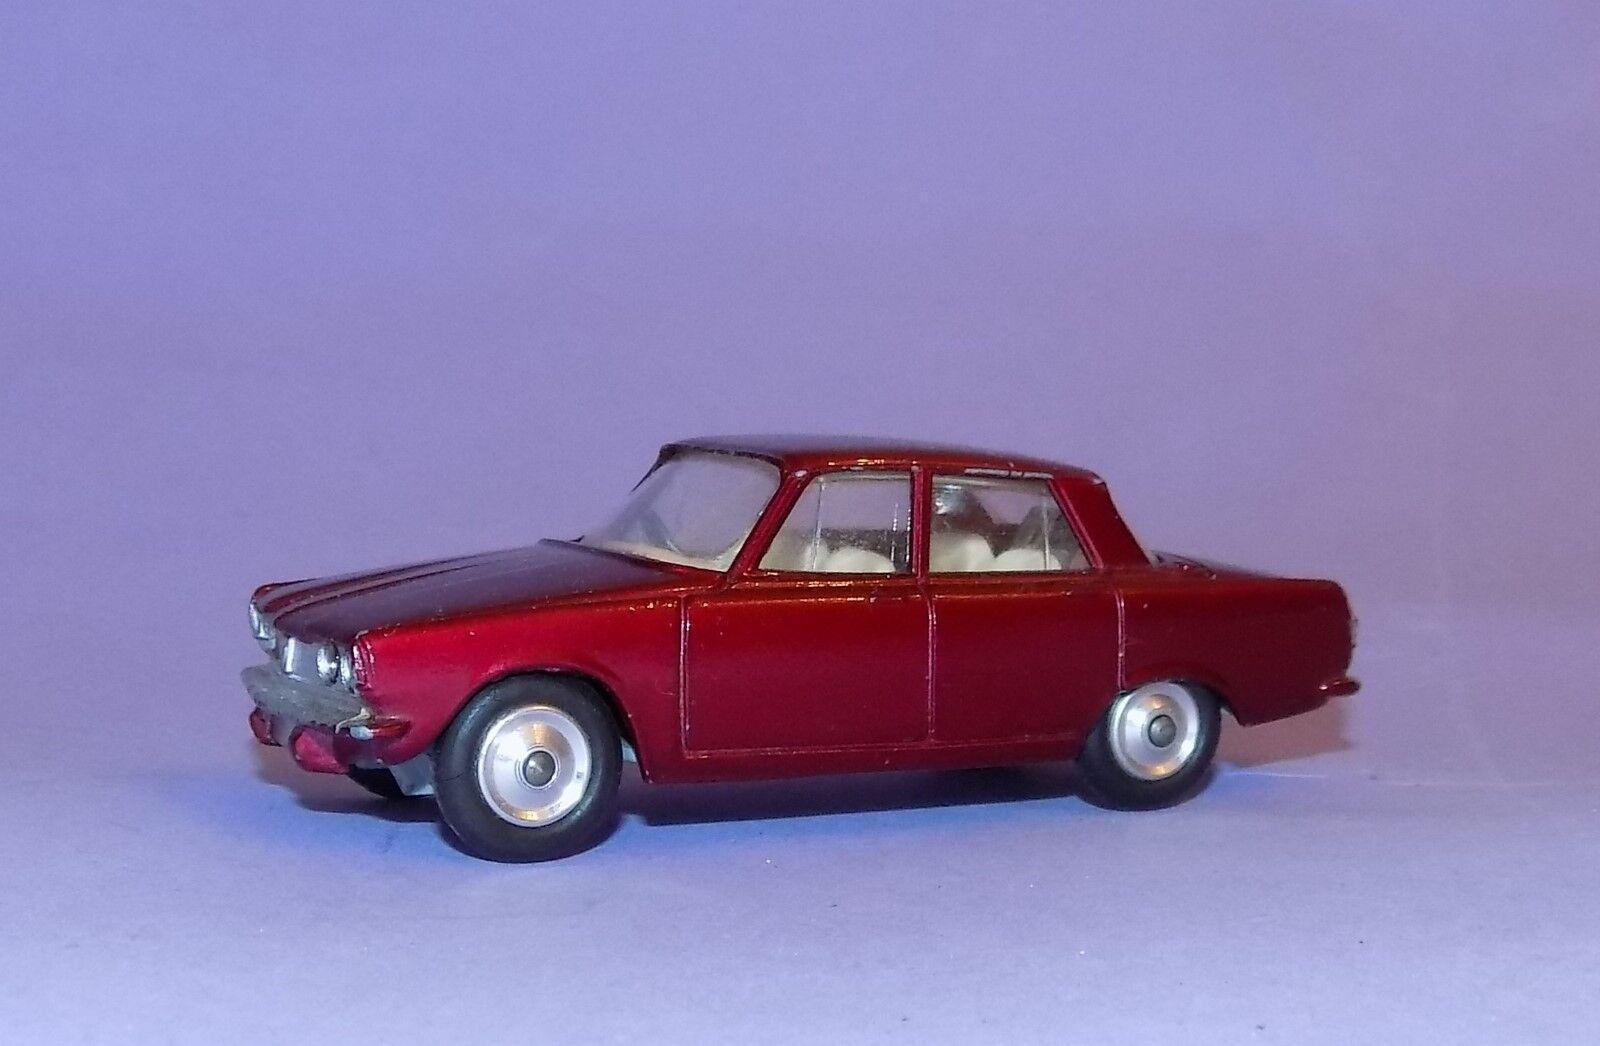 seguro de calidad  RARO  VINTAGE  1969  CORGI    Rover 2000   48 de Conjunto de Regalo  online barato